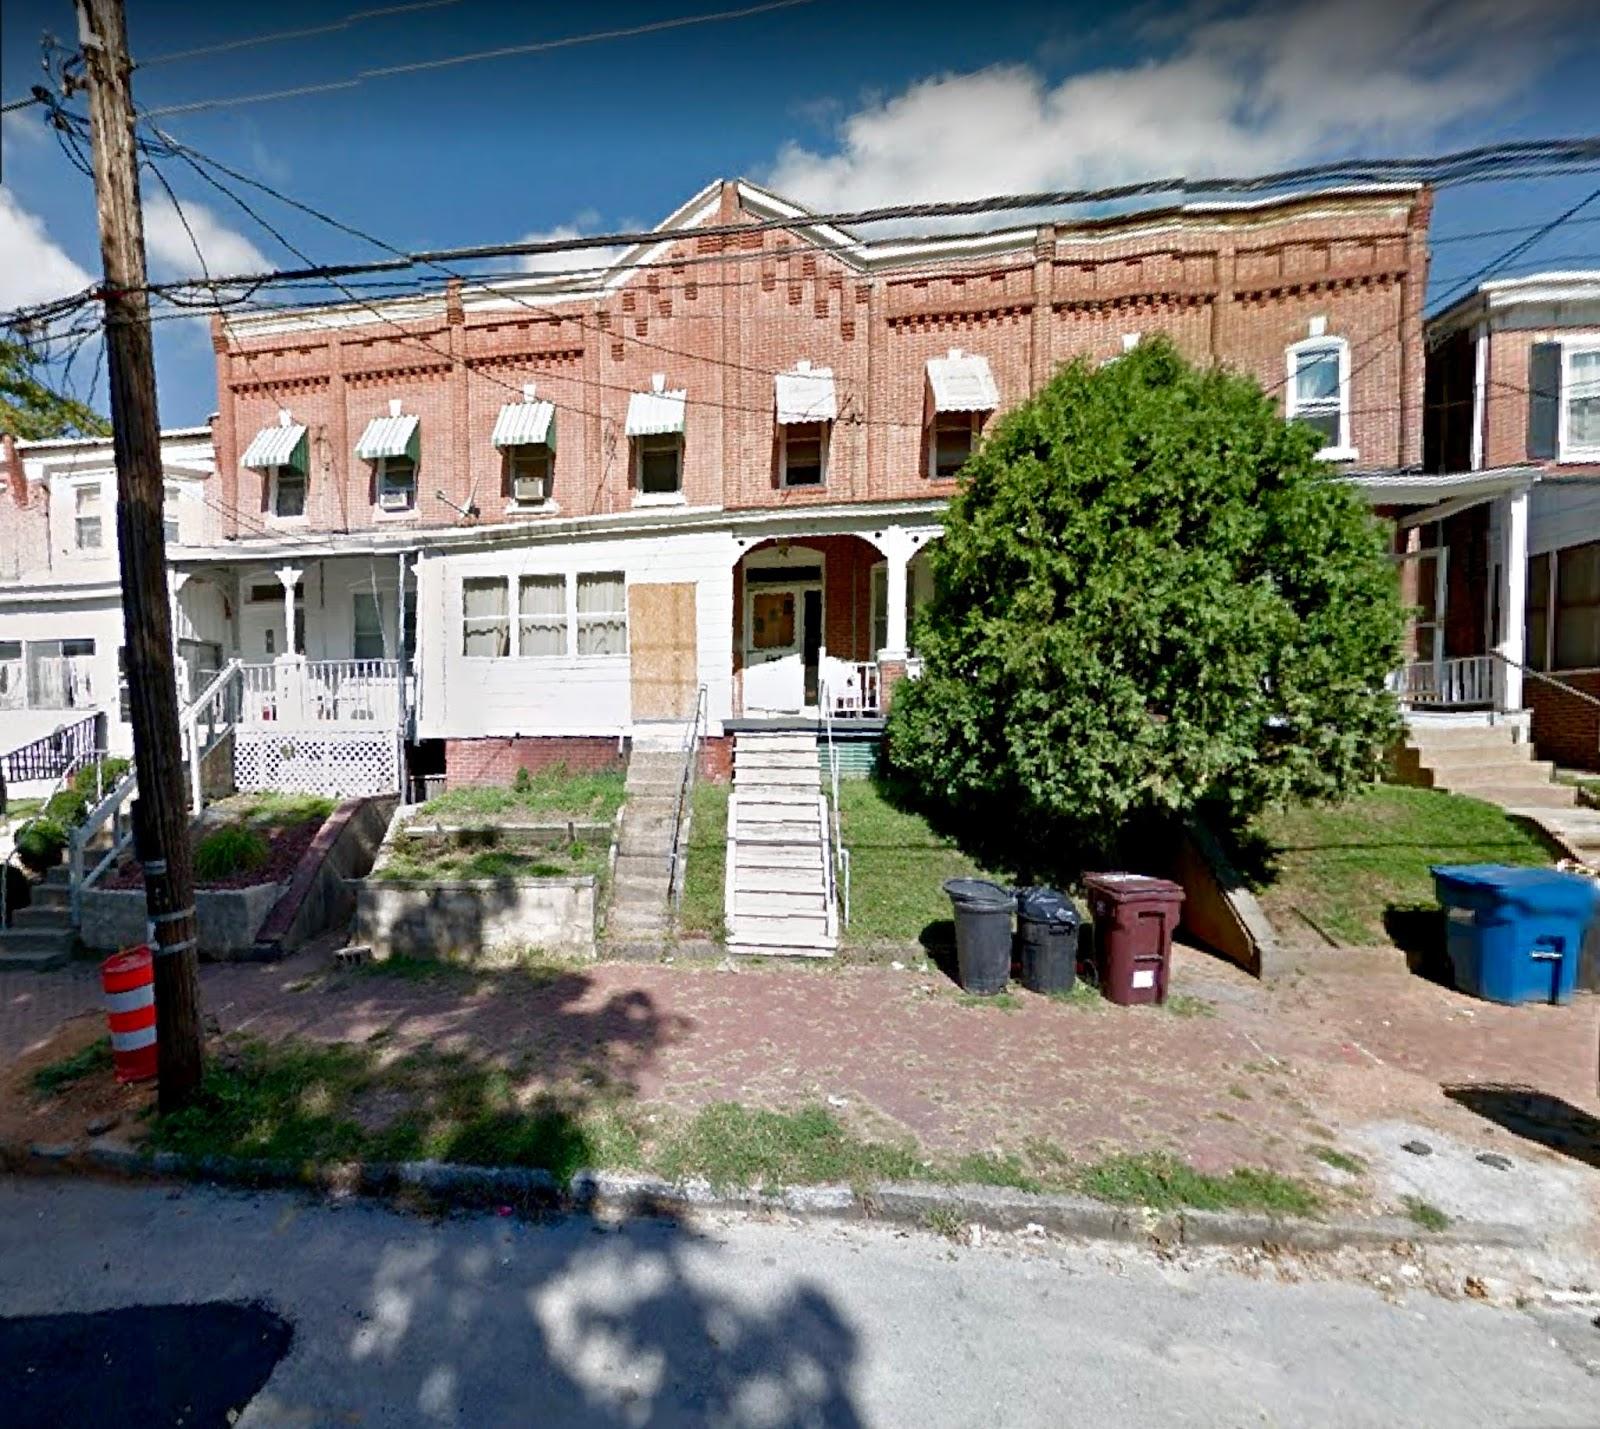 I Look Up His Address U2014 2312 Tatnall Street U2014 And Find It In Google Street  View: